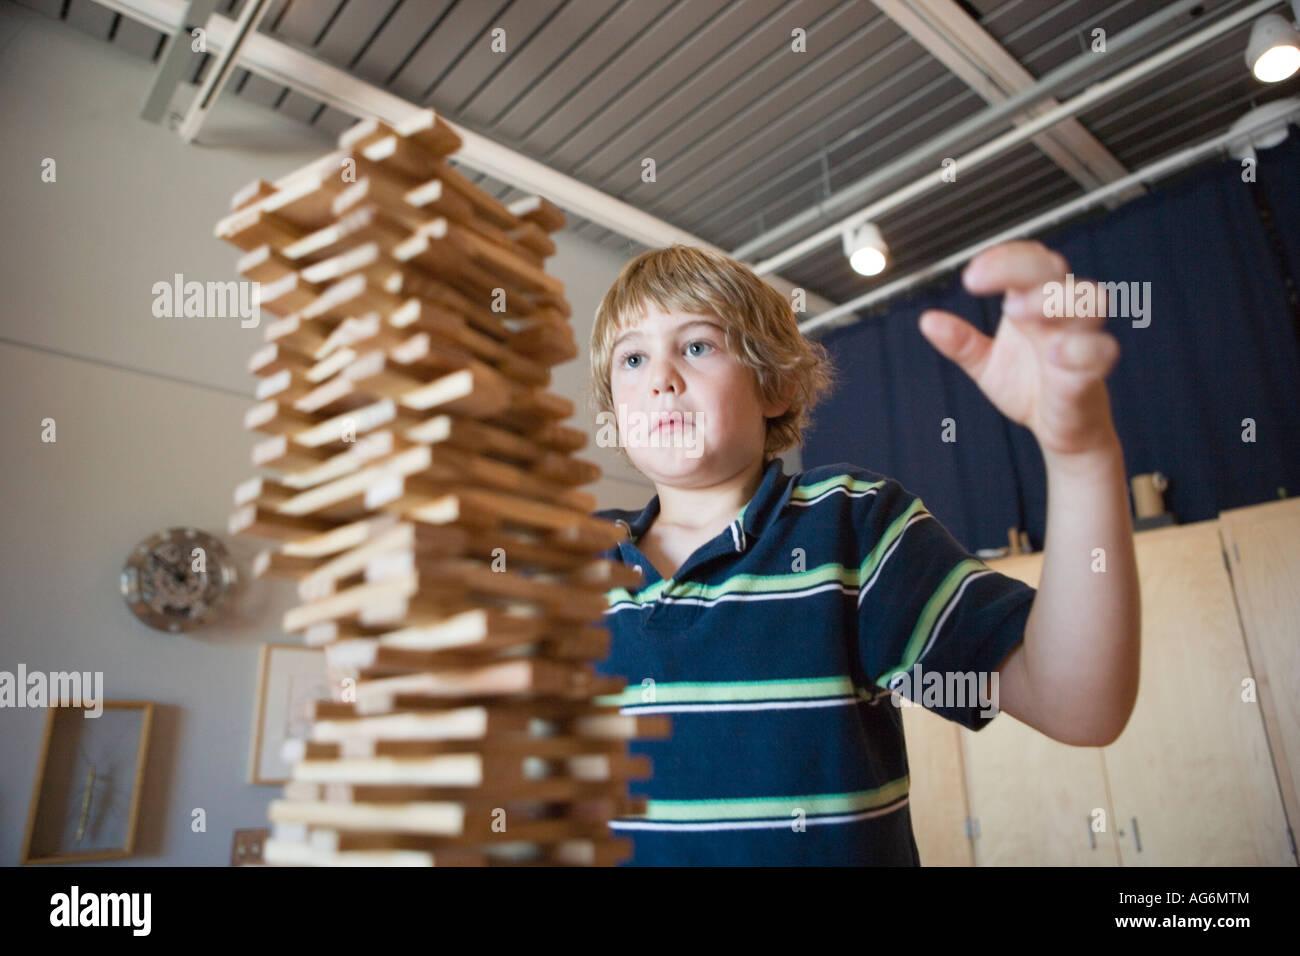 Bambino di otto anni di impilamento dei blocchi di legno come alto come egli può guardare per assicurarsi che Immagini Stock